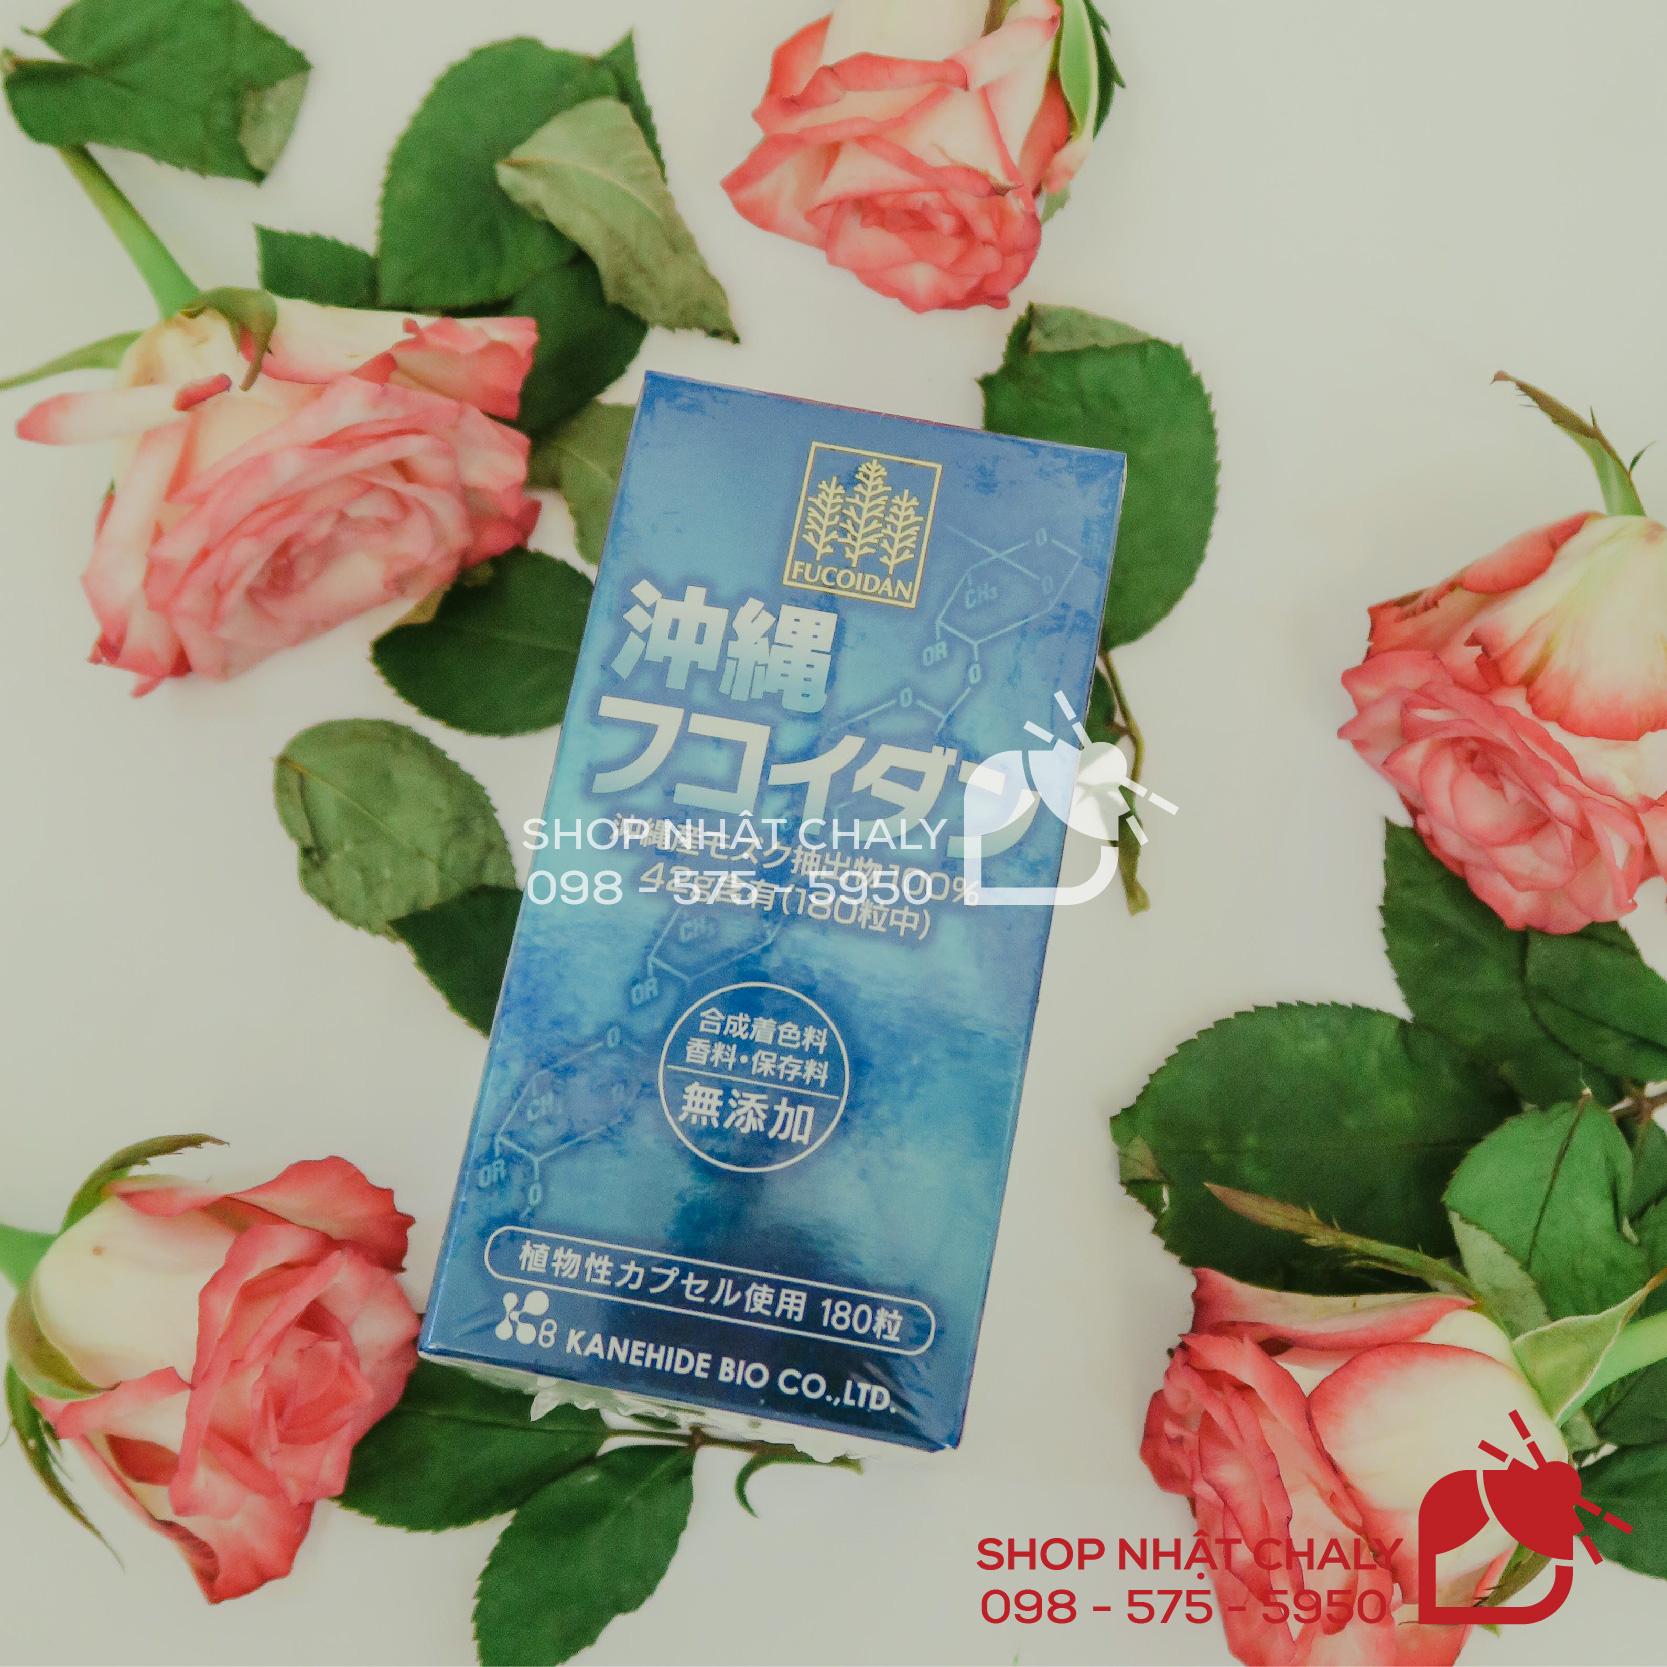 Giá fucoidan Nhật Bản khác nhau tuỳ theo sản phẩm của hãng nào. Okinawa fucoidan là sản phẩm lâu đời, được sử dụng nhiều nhất có giá khá cao nhưng hiệu quả tương xứng